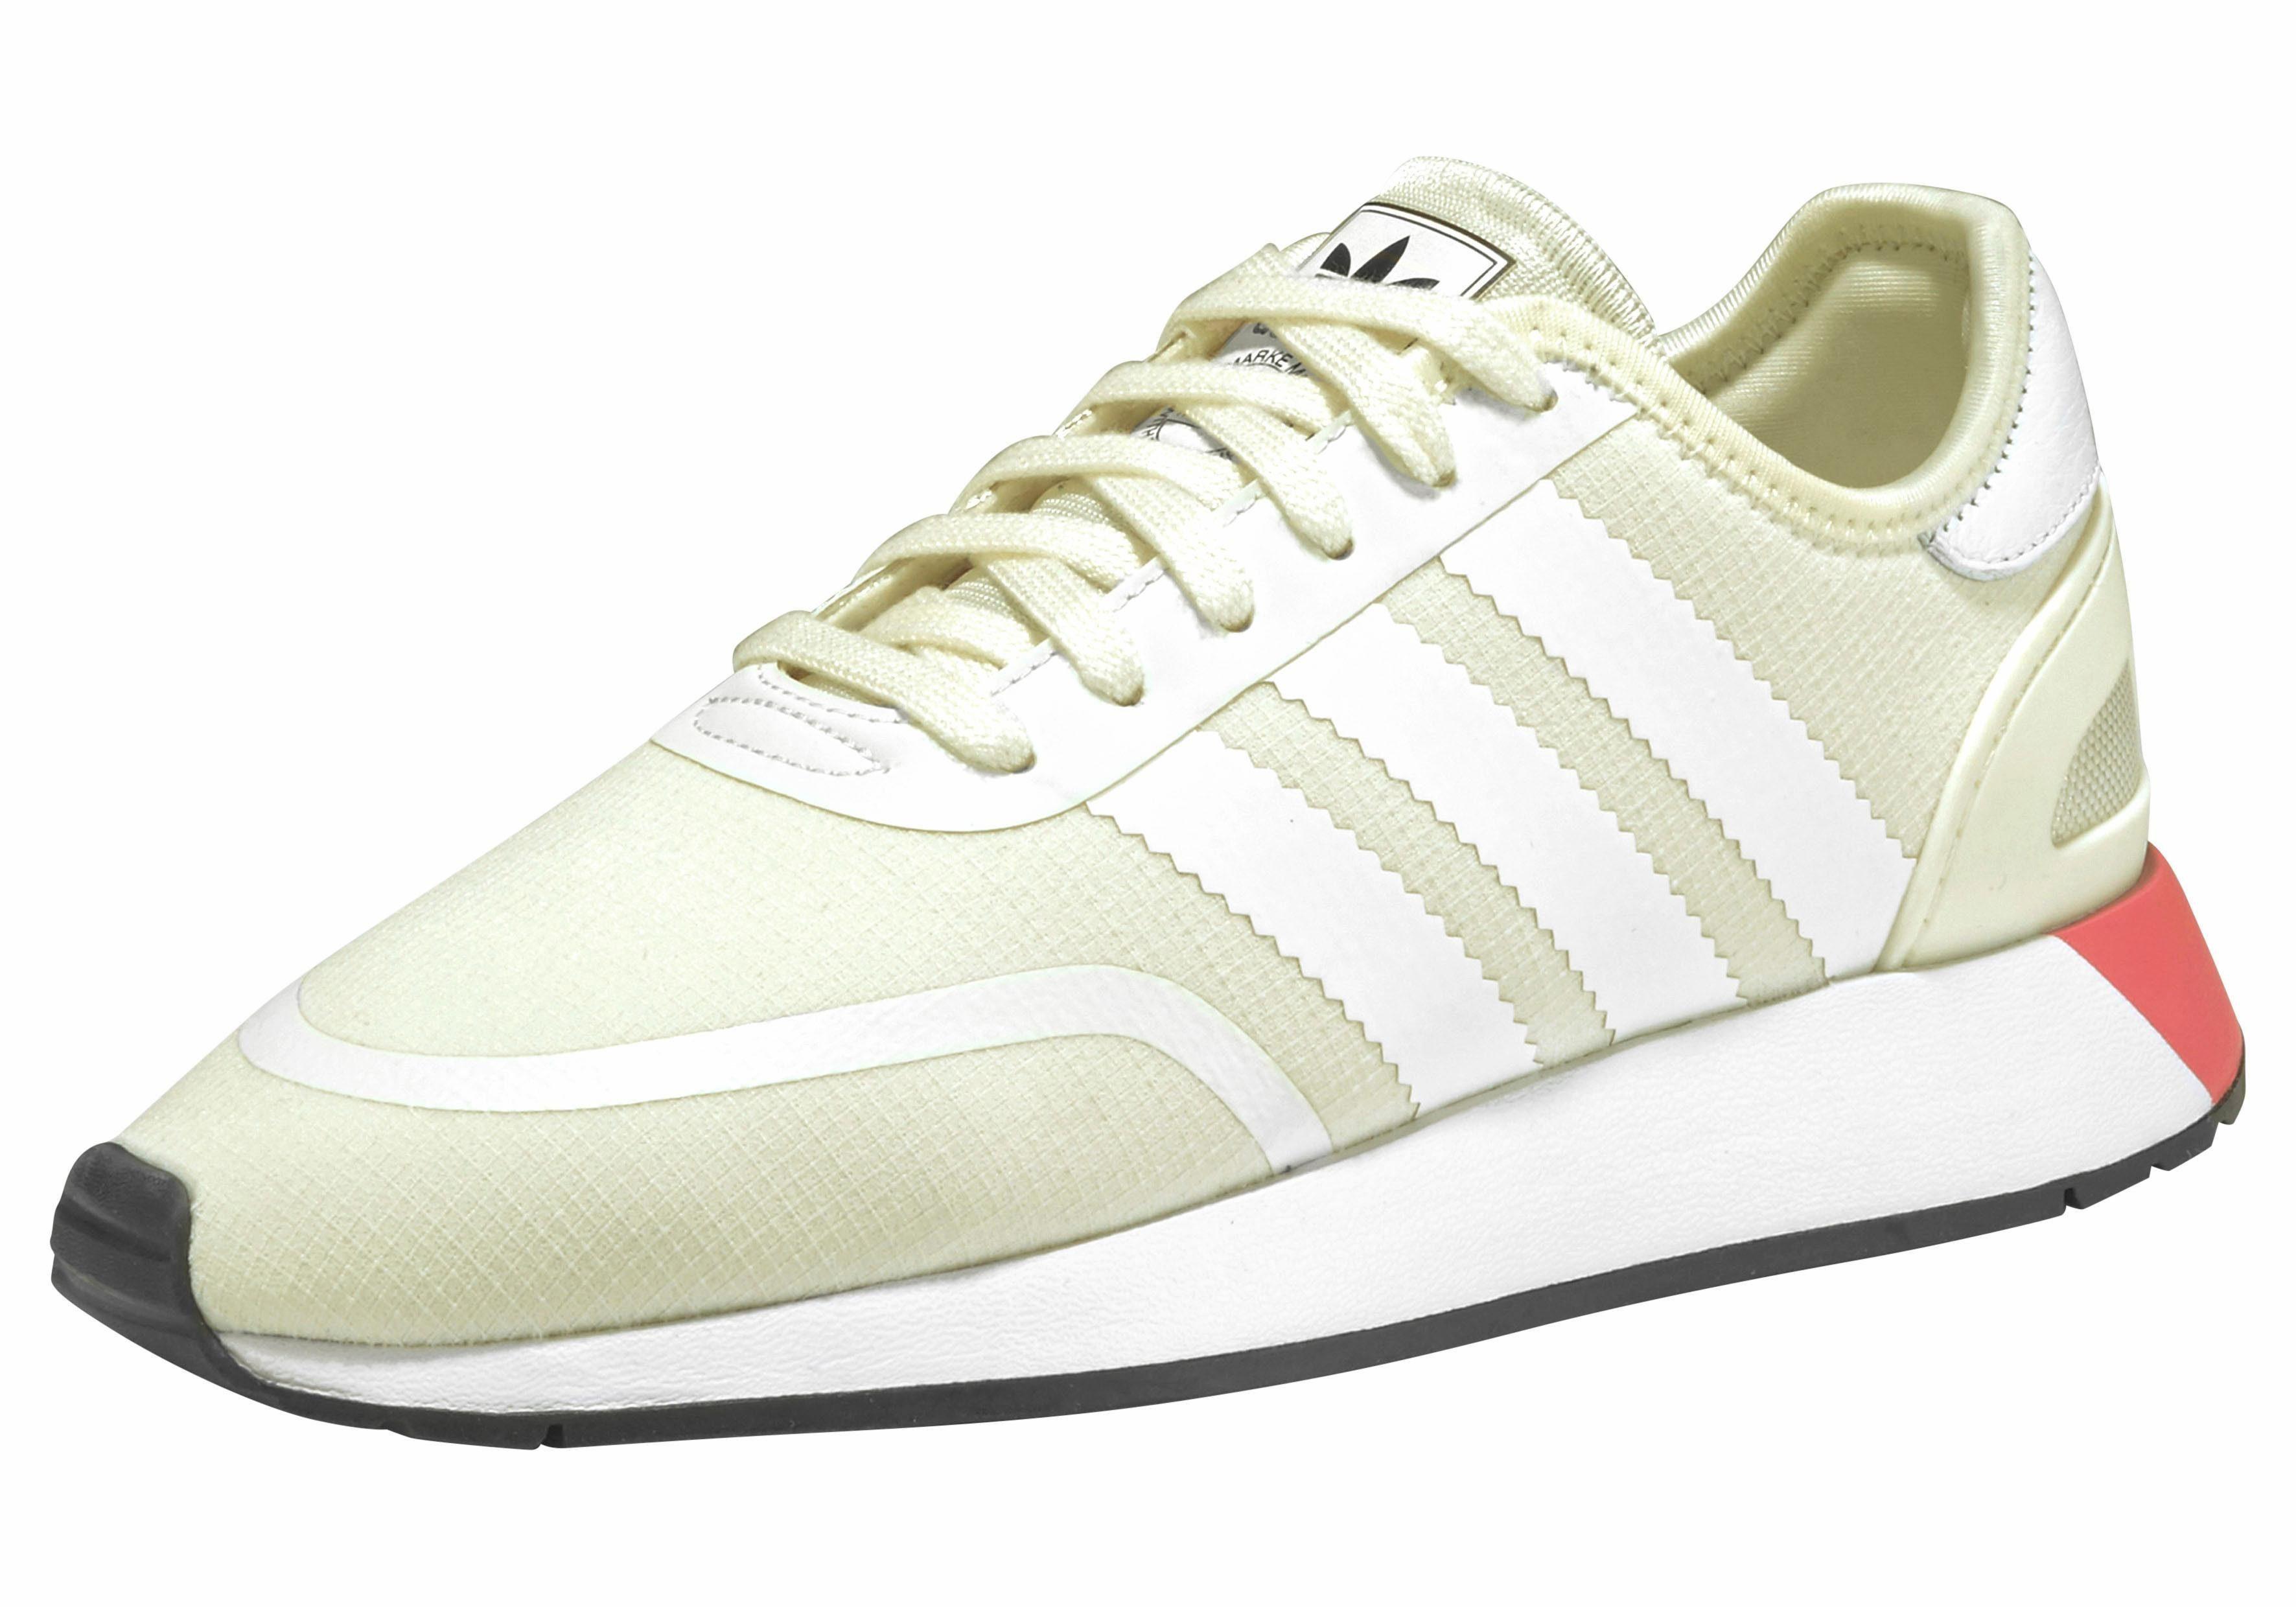 adidas Originals »N 5923 W« Sneaker, Modischer Sneaker von adidas online kaufen | OTTO